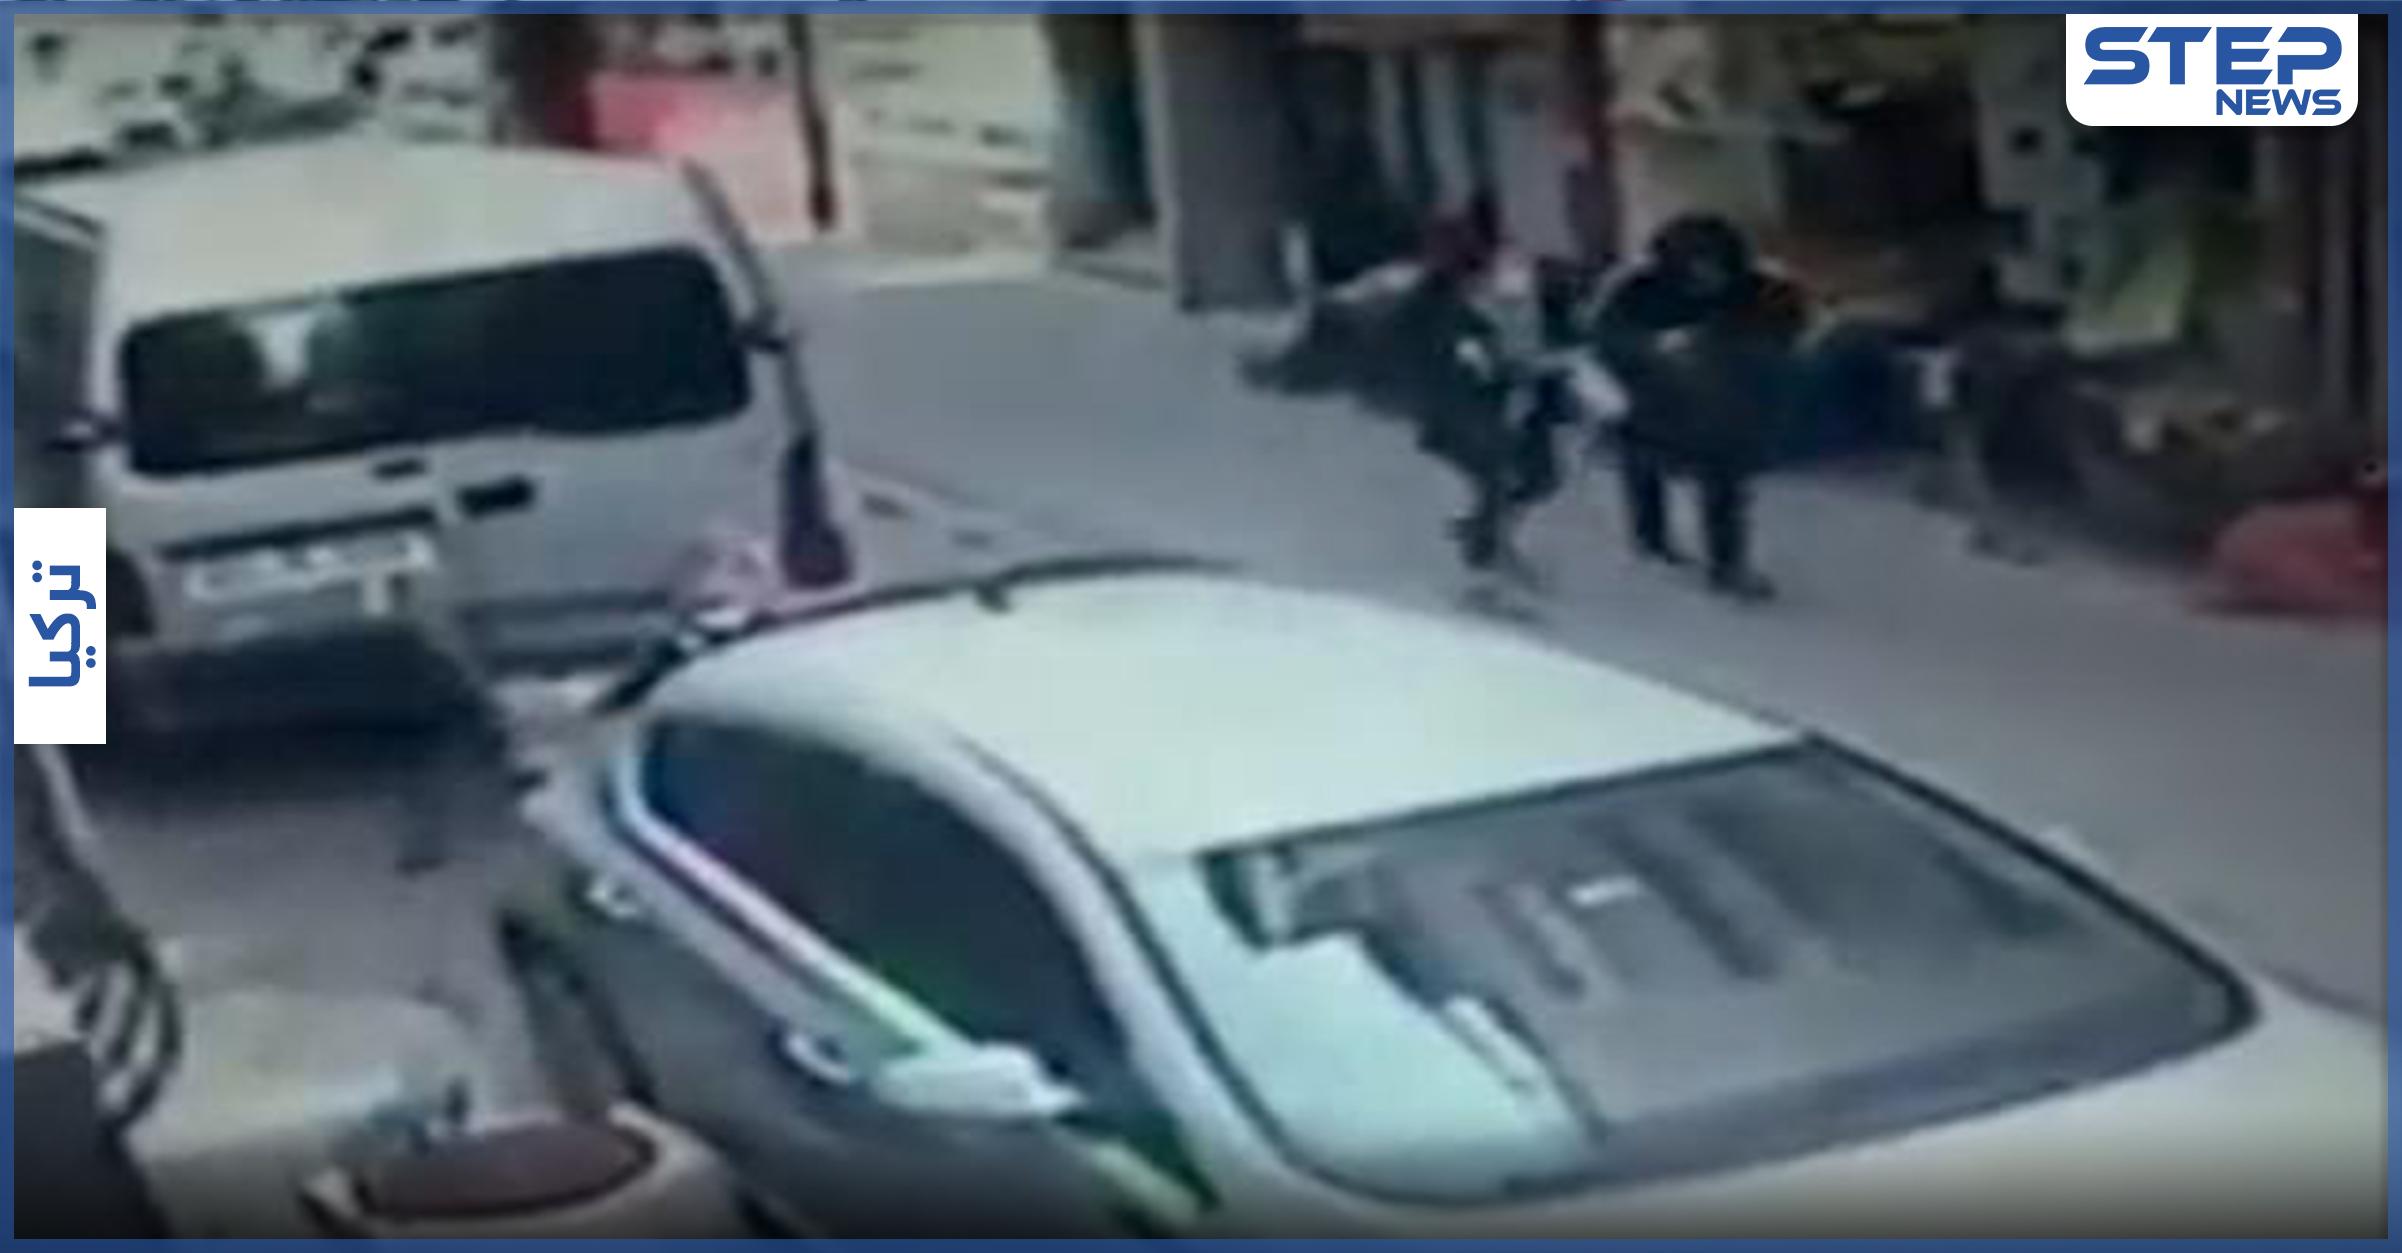 بالفيديو|| تركي يضرب ويطعن زوجته في الشارع عدّة مرات والمارّة يشاهدون ولا يفعلون شيئاً